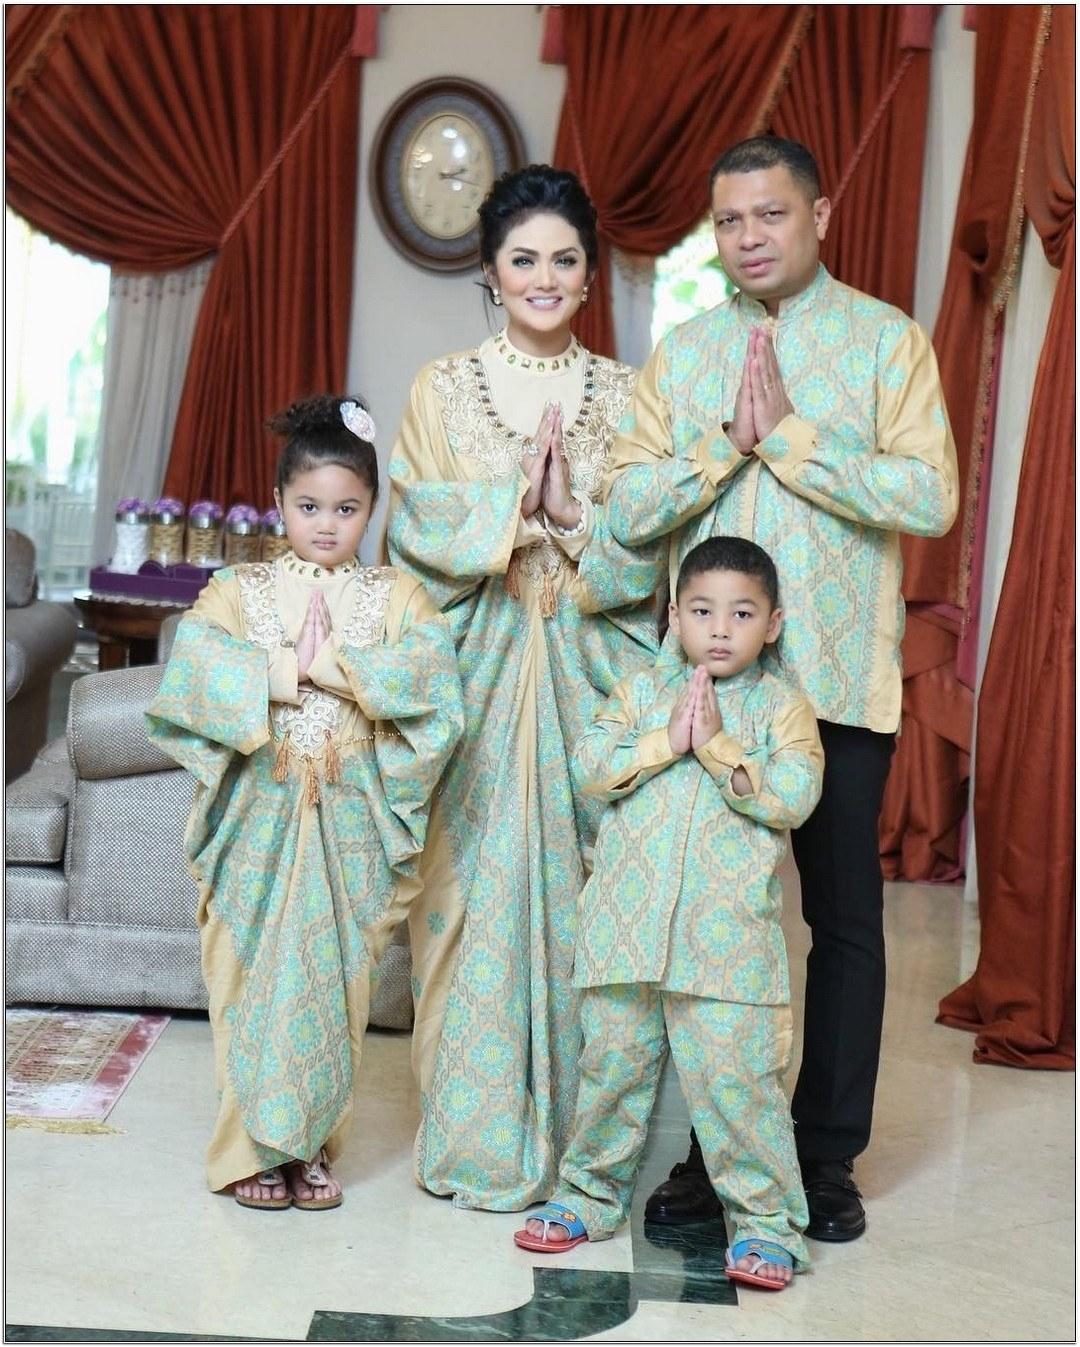 Bentuk Baju Lebaran Artis Mndw Model Baju Seragam Lebaran Artis